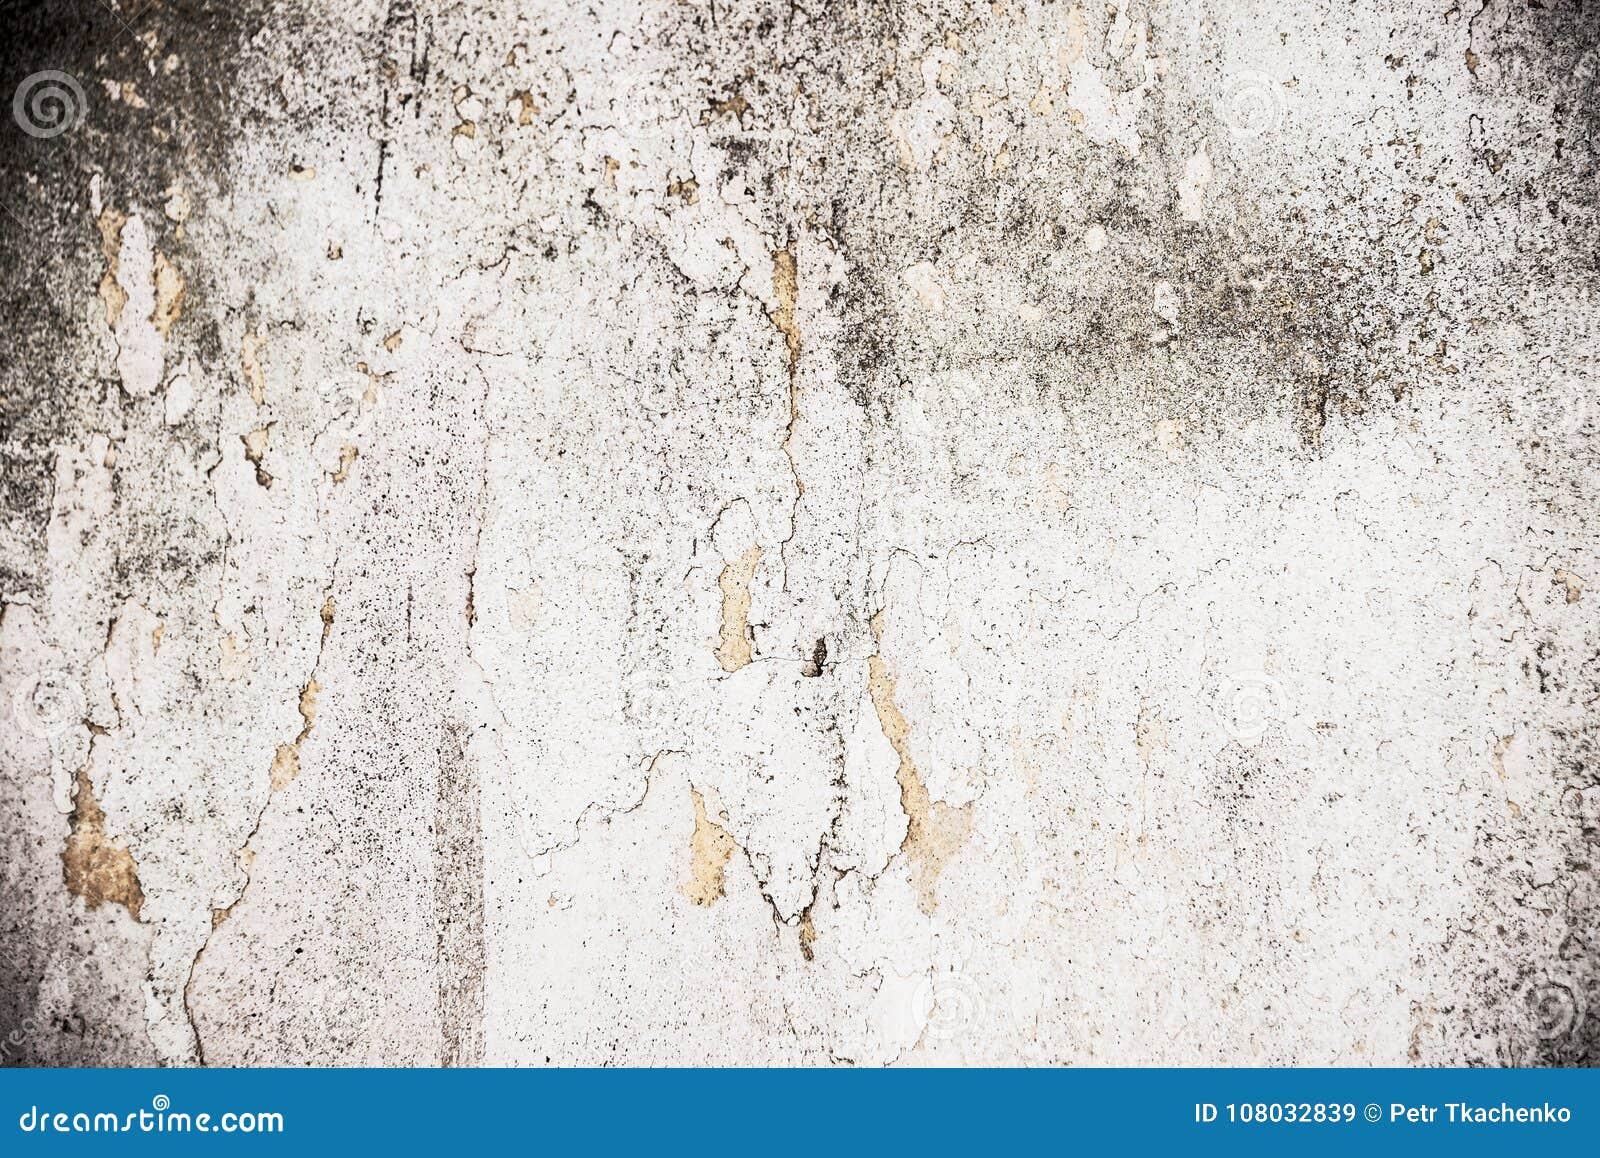 Tło, tekstura, stara ściana, podława, akcja film, screensaver